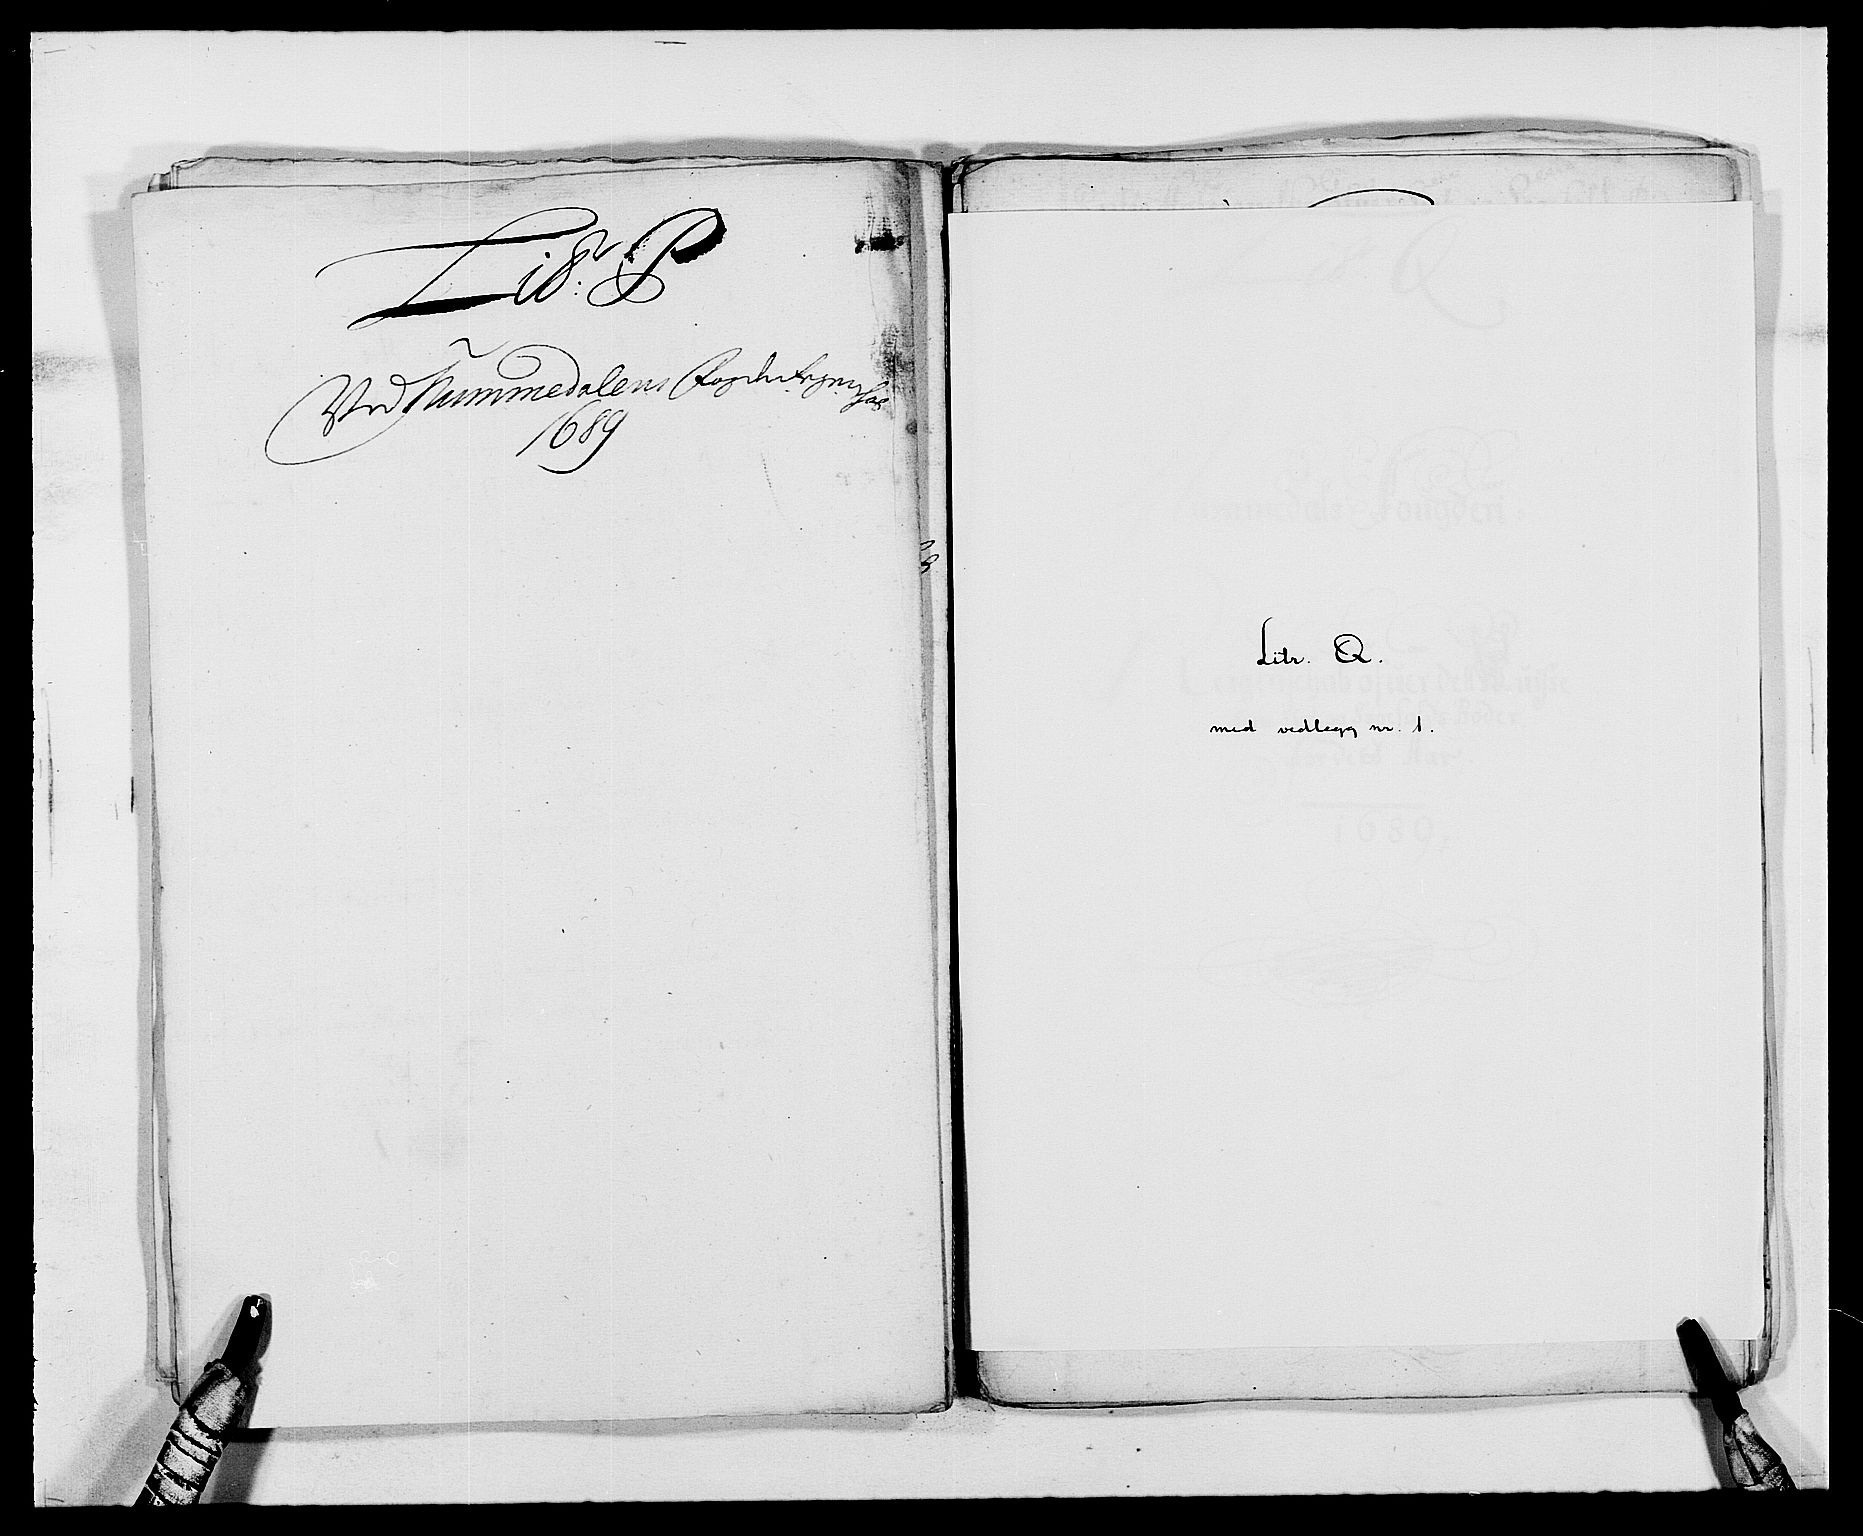 RA, Rentekammeret inntil 1814, Reviderte regnskaper, Fogderegnskap, R64/L4422: Fogderegnskap Namdal, 1687-1689, s. 280